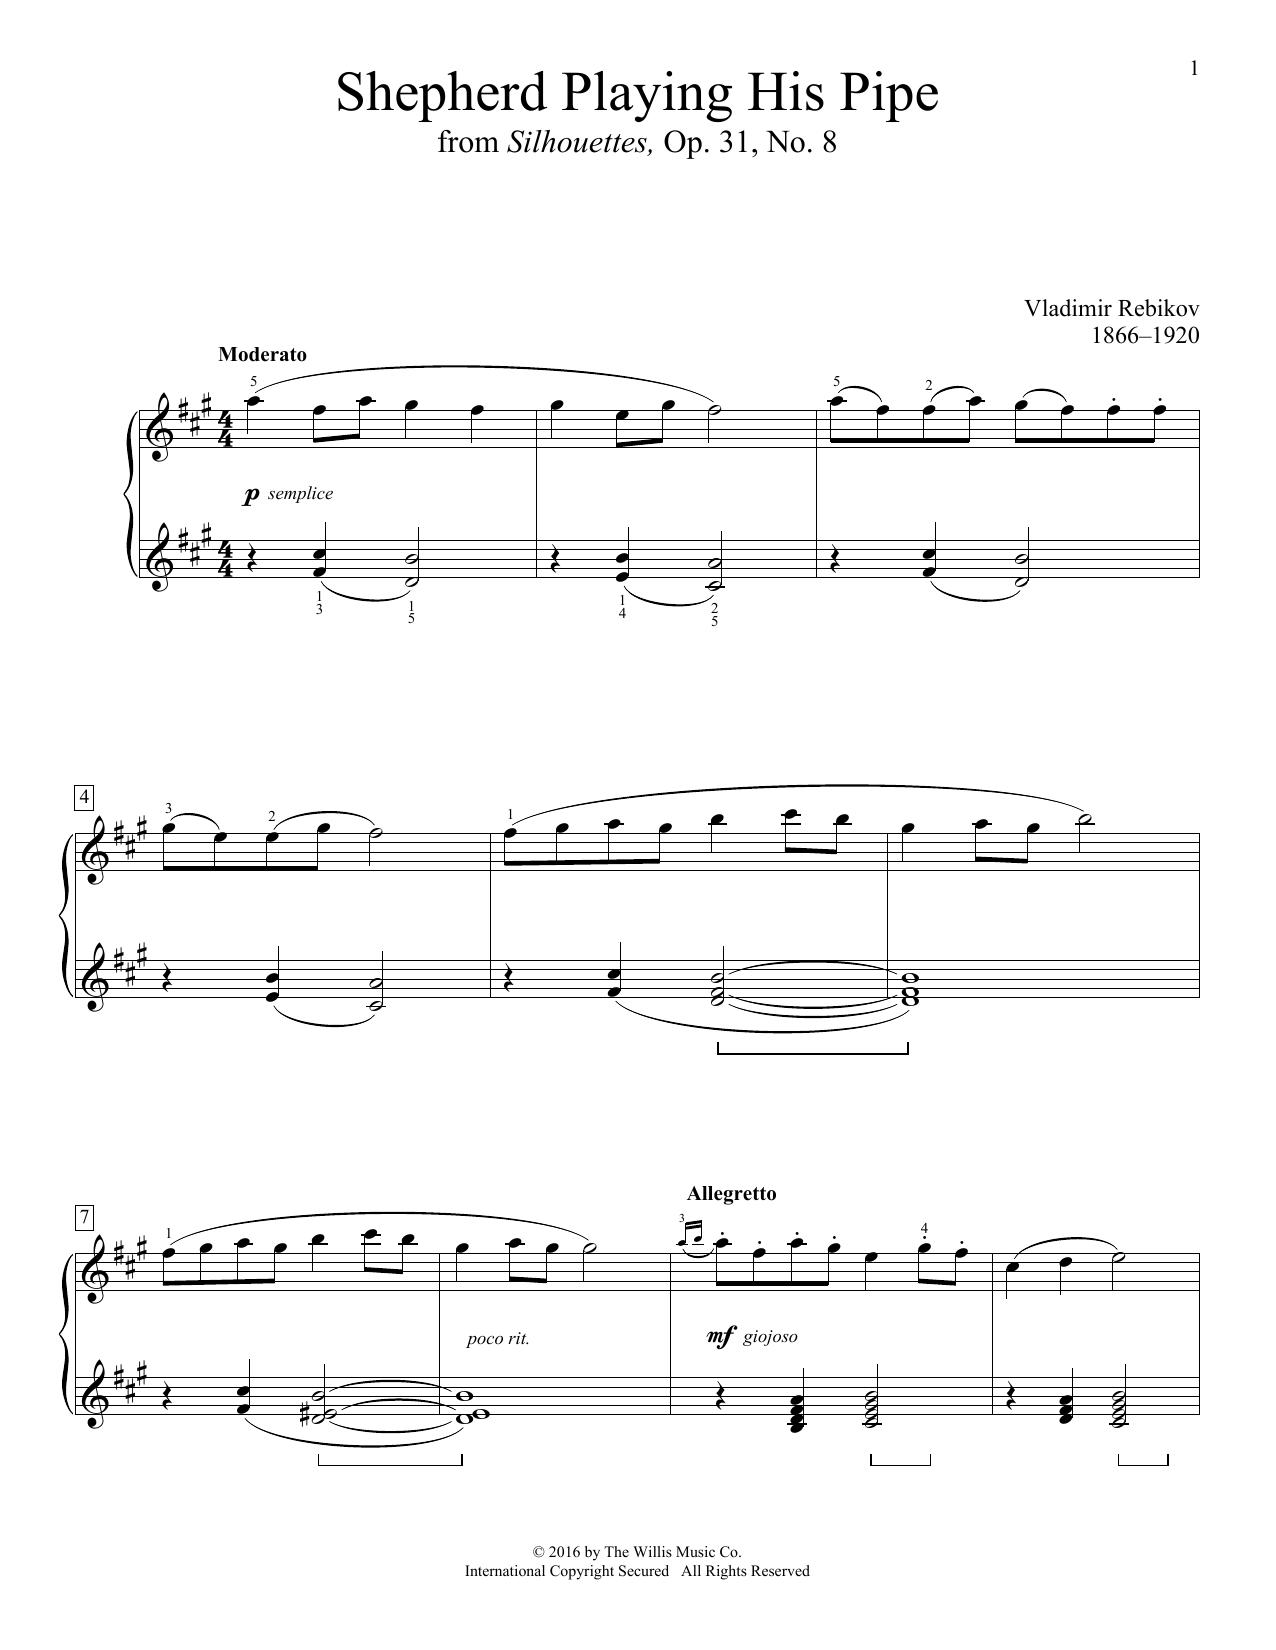 Vladimir Rebikov Shepherd Playing His Pipe sheet music notes and chords. Download Printable PDF.